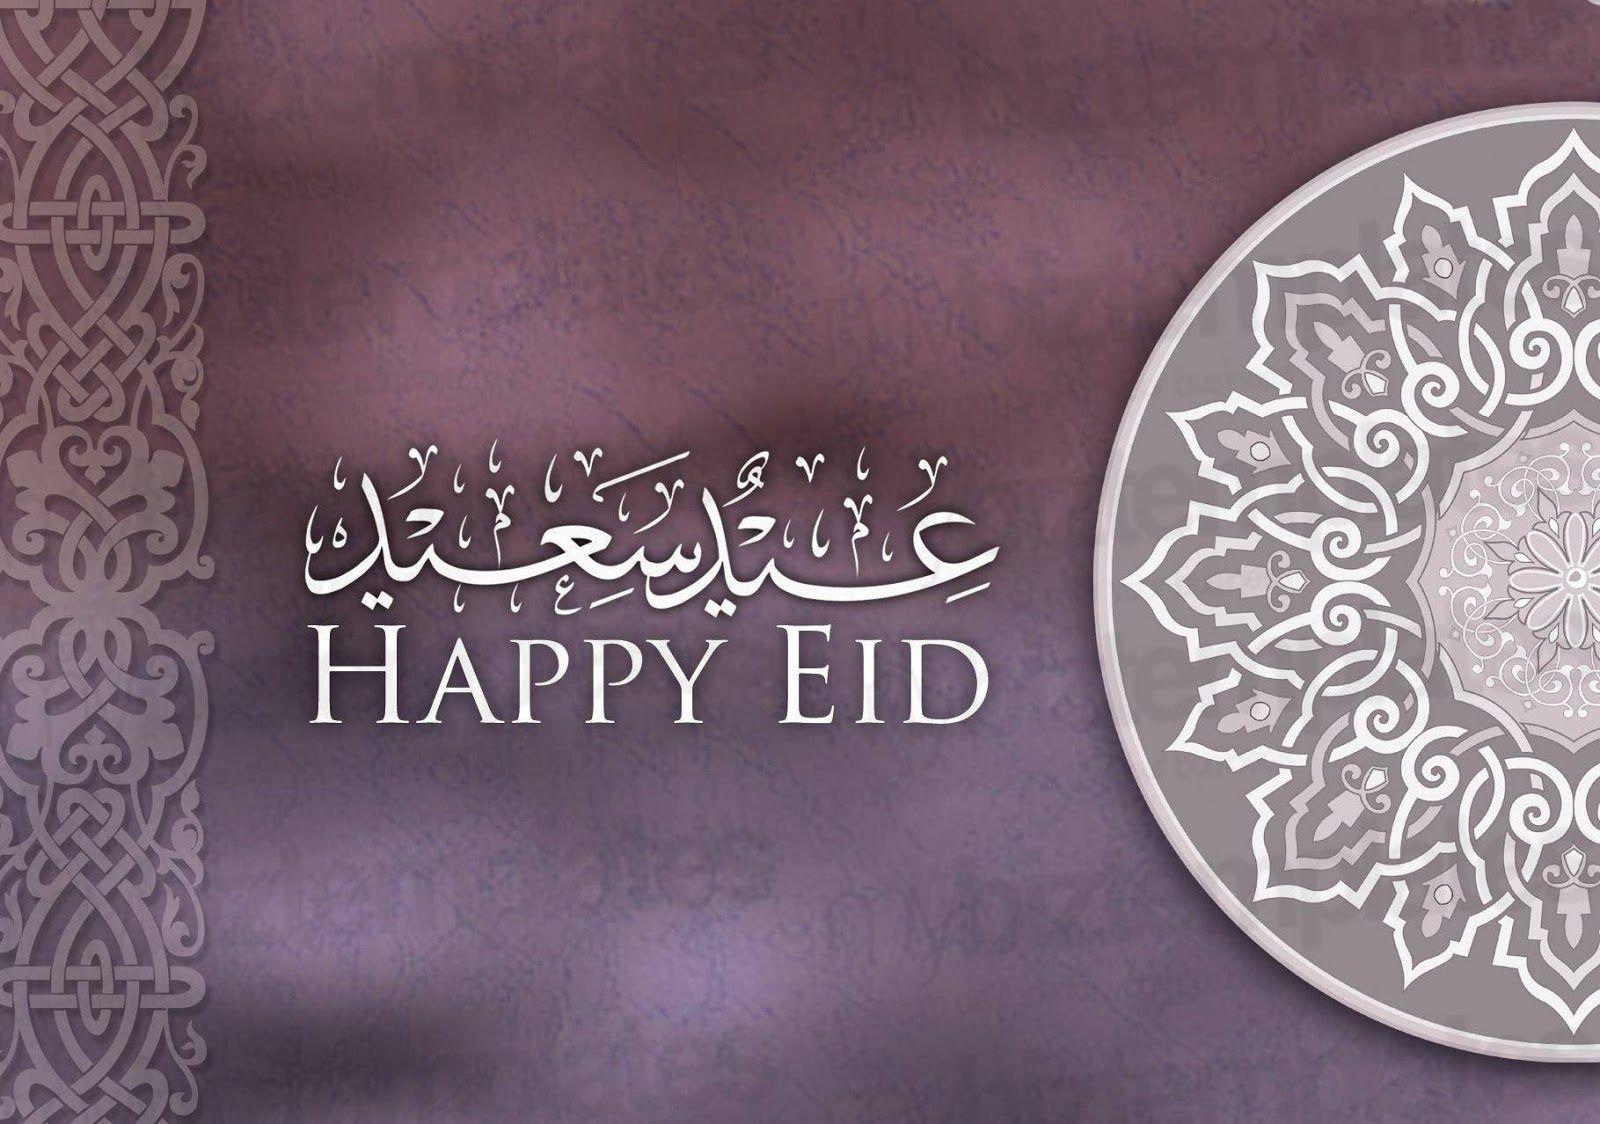 Popular Australia 2016 Eid Al-Fitr Greeting - a3be4157a905930fdb0e3cecb98d6368  Pic_18424 .jpg